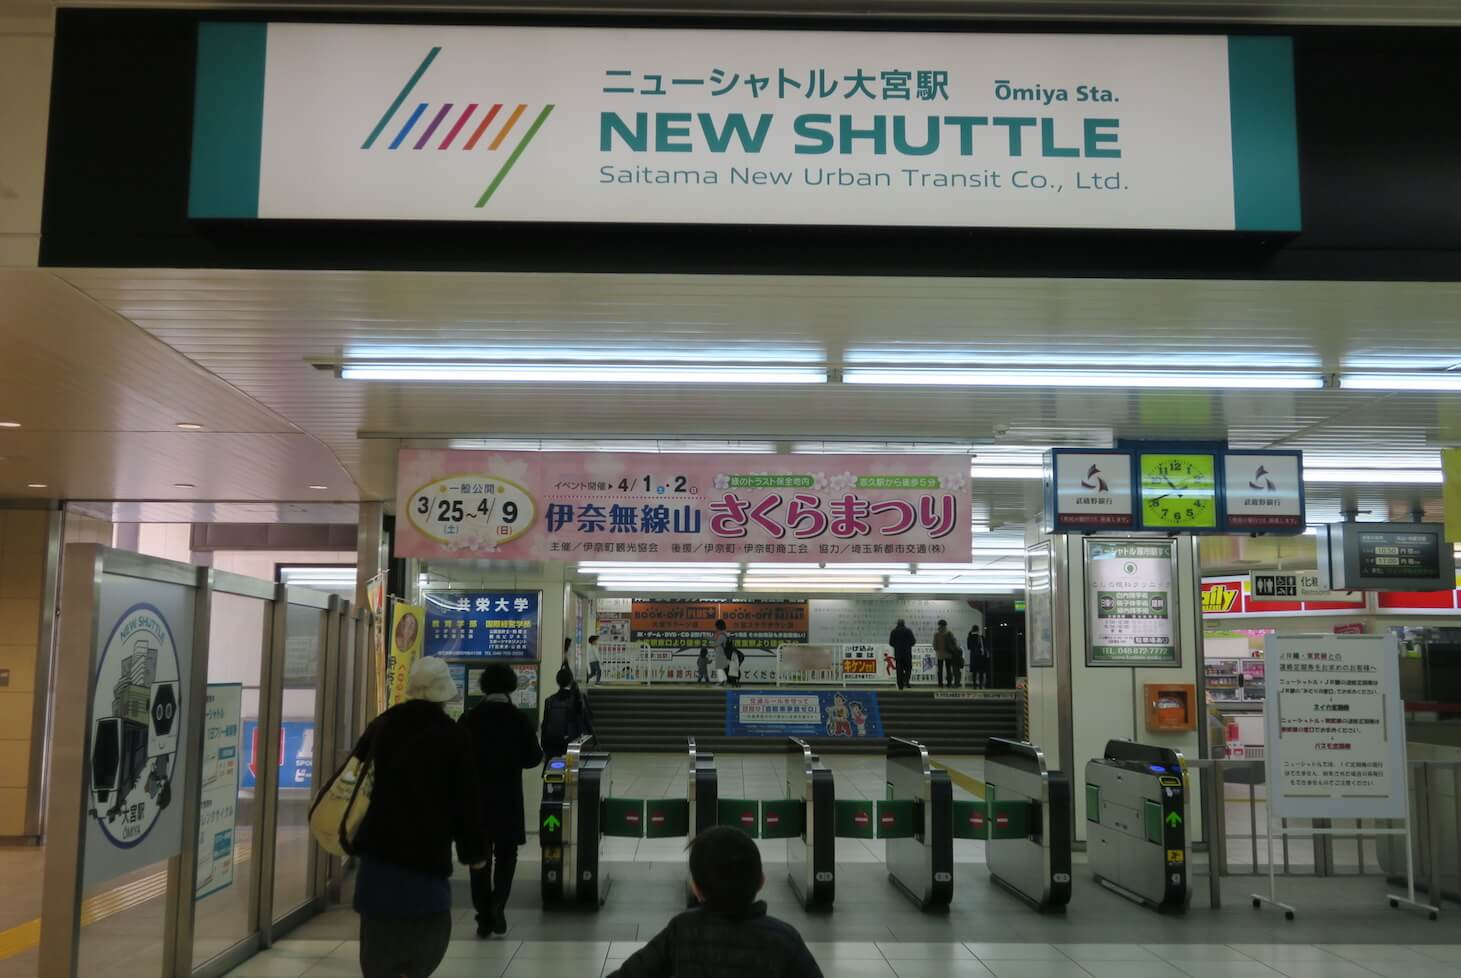 ニューシャトル駅改札